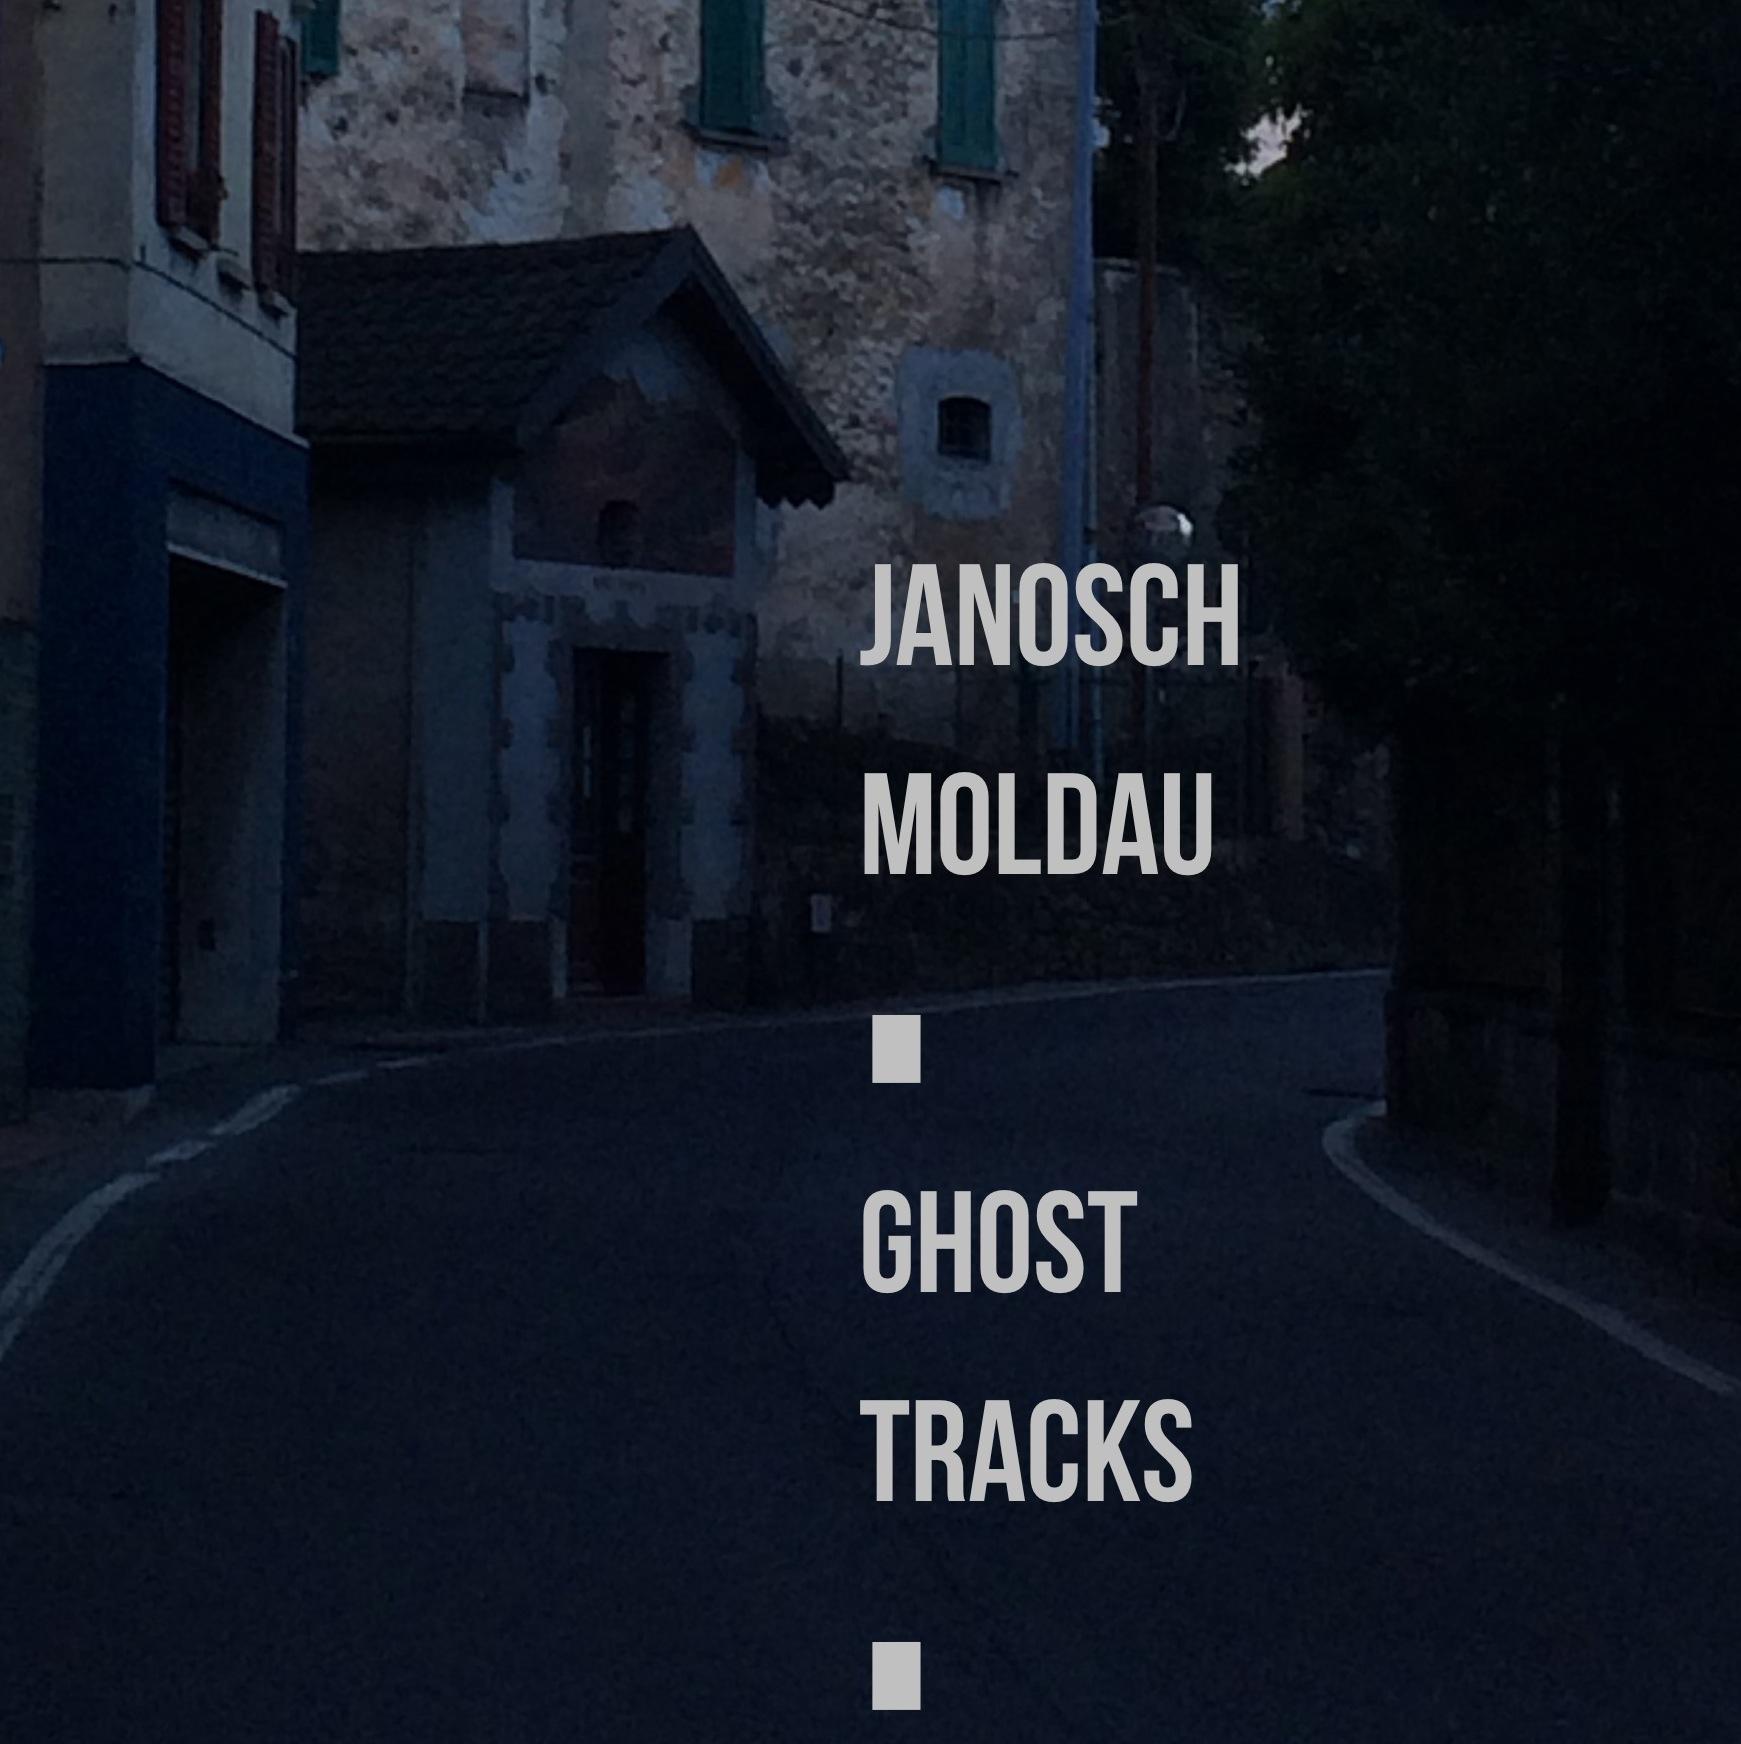 janosch moldau ghost tracks (digital)